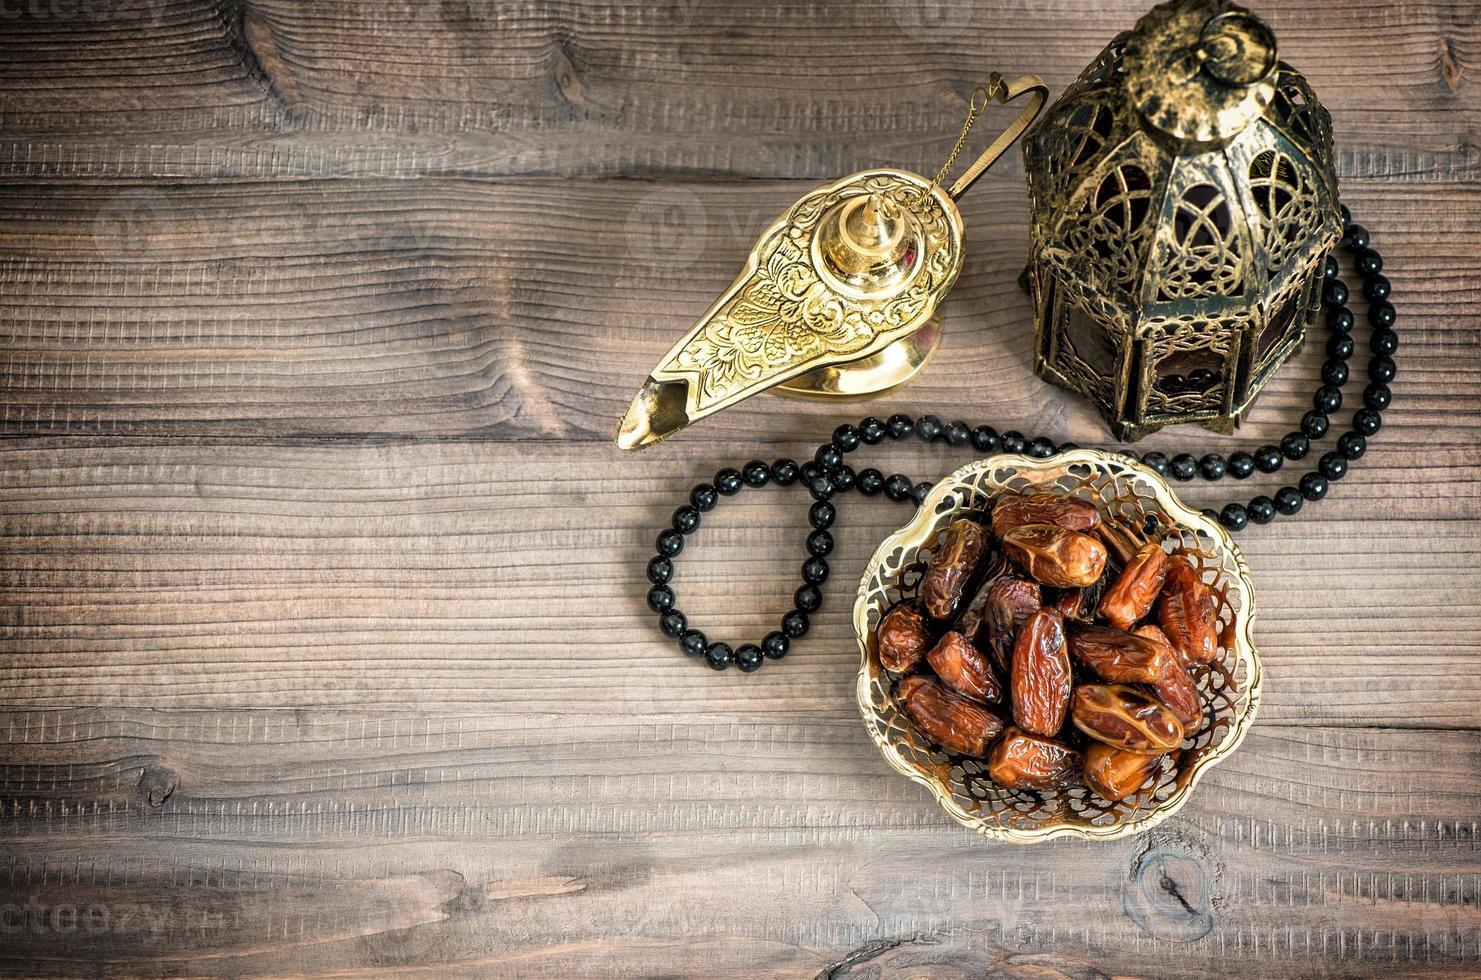 lámpara de Ramadán, rosario y fechas sobre fondo de madera foto